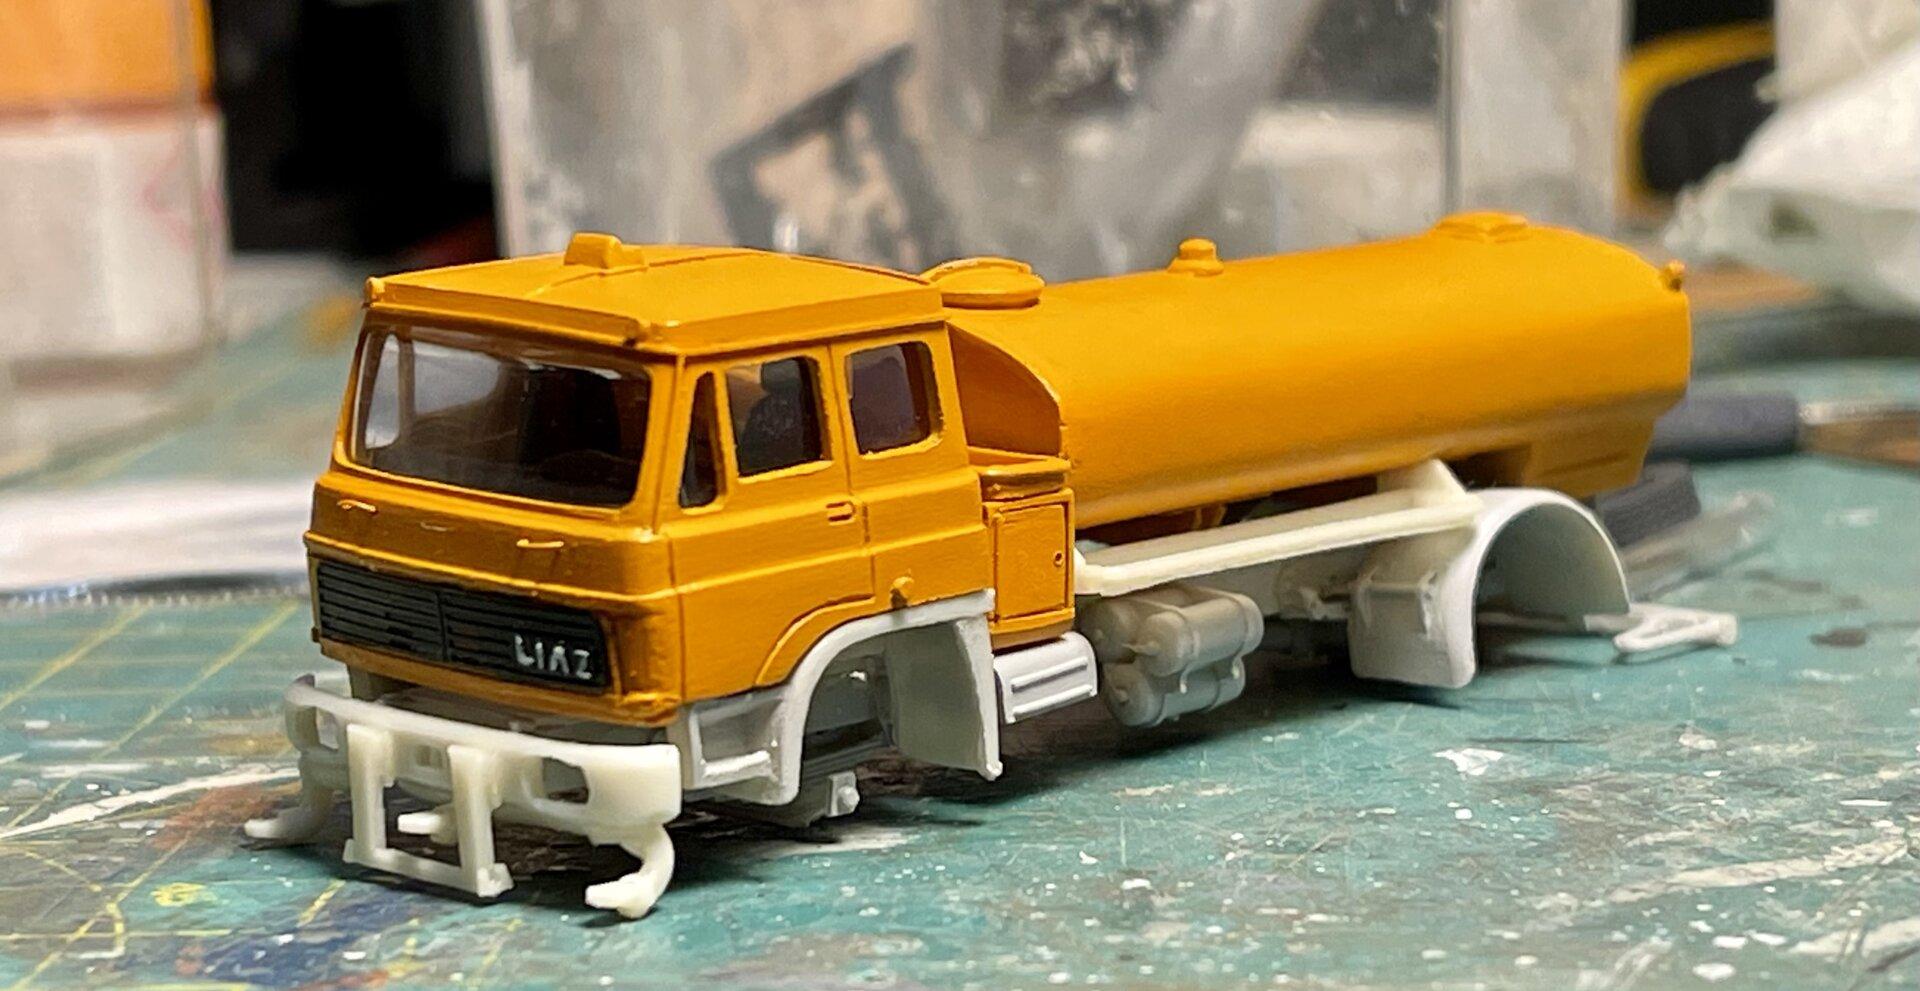 4426D6C9-F312-4BB1-B795-9F61B2150EFD.jpeg